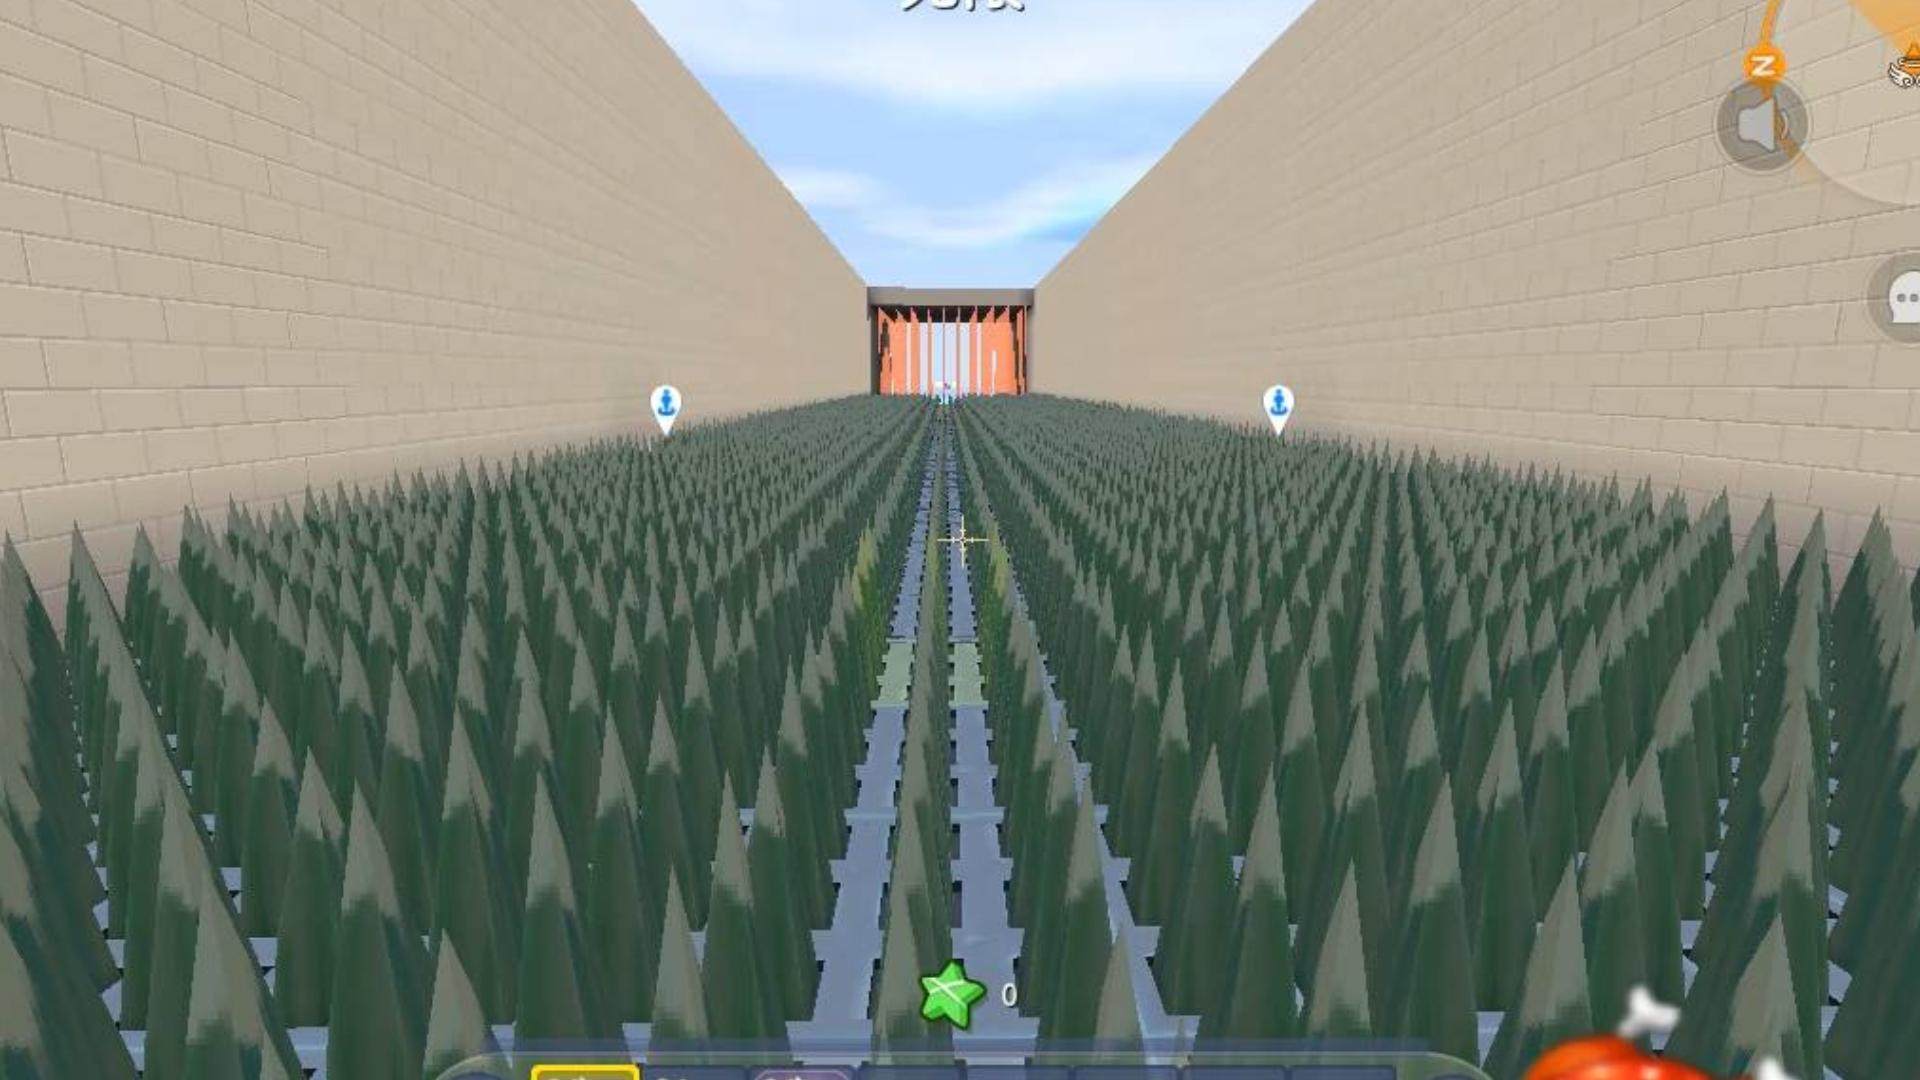 迷你世界:9999亿滴血跑酷,半仙照样能被坑死这地图真的有毒!